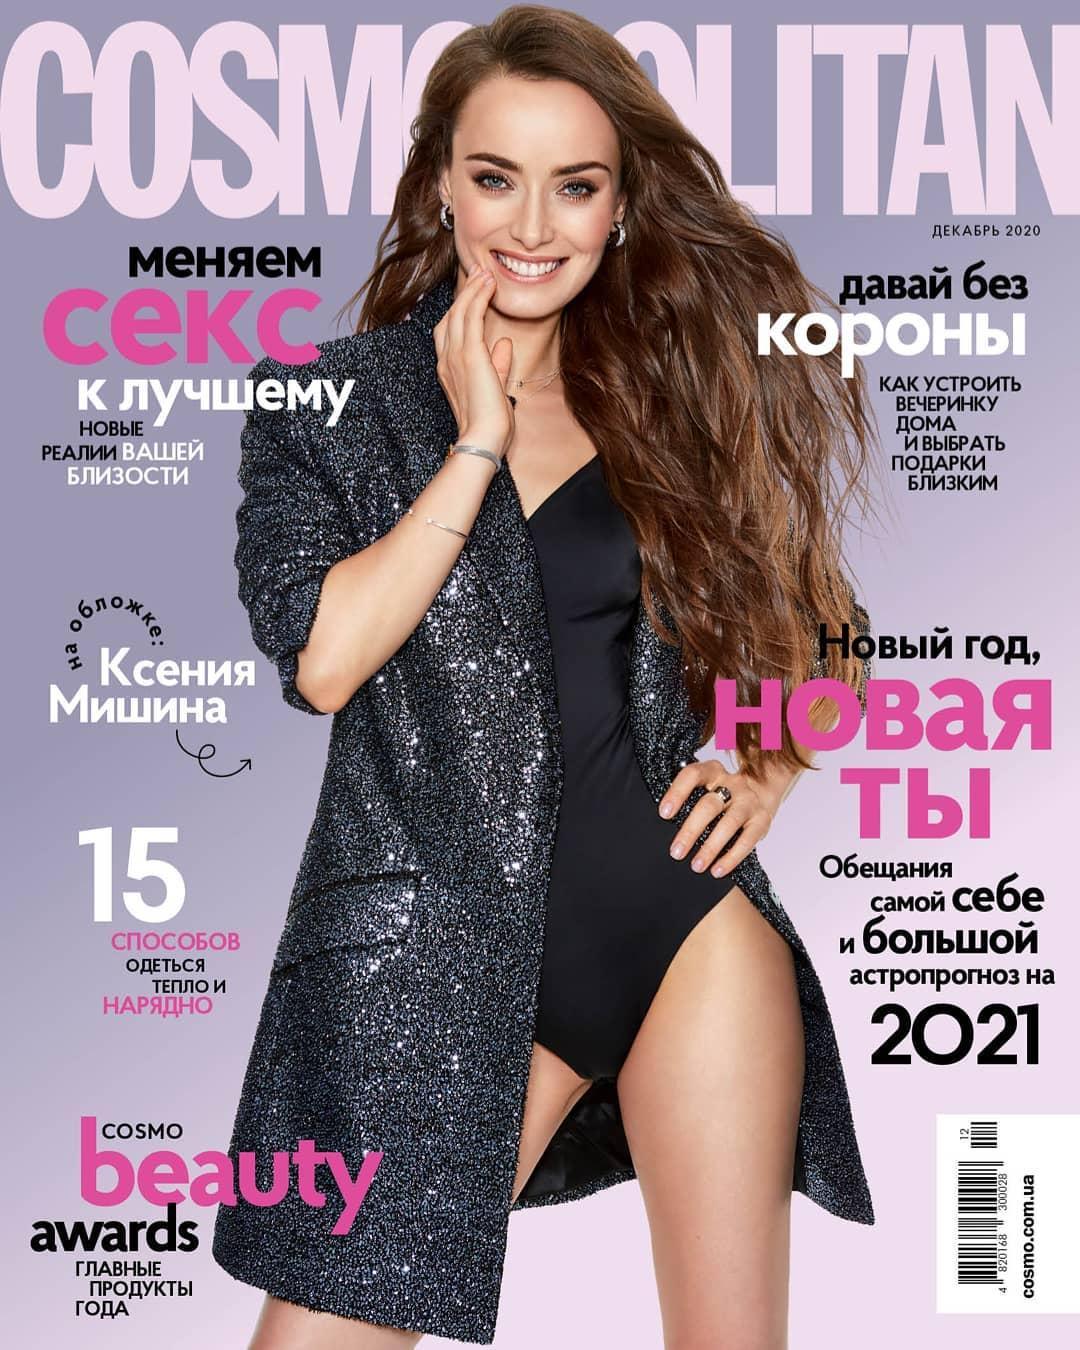 Мишина снялась в боди / instagram.com/cosmopolitanukraine